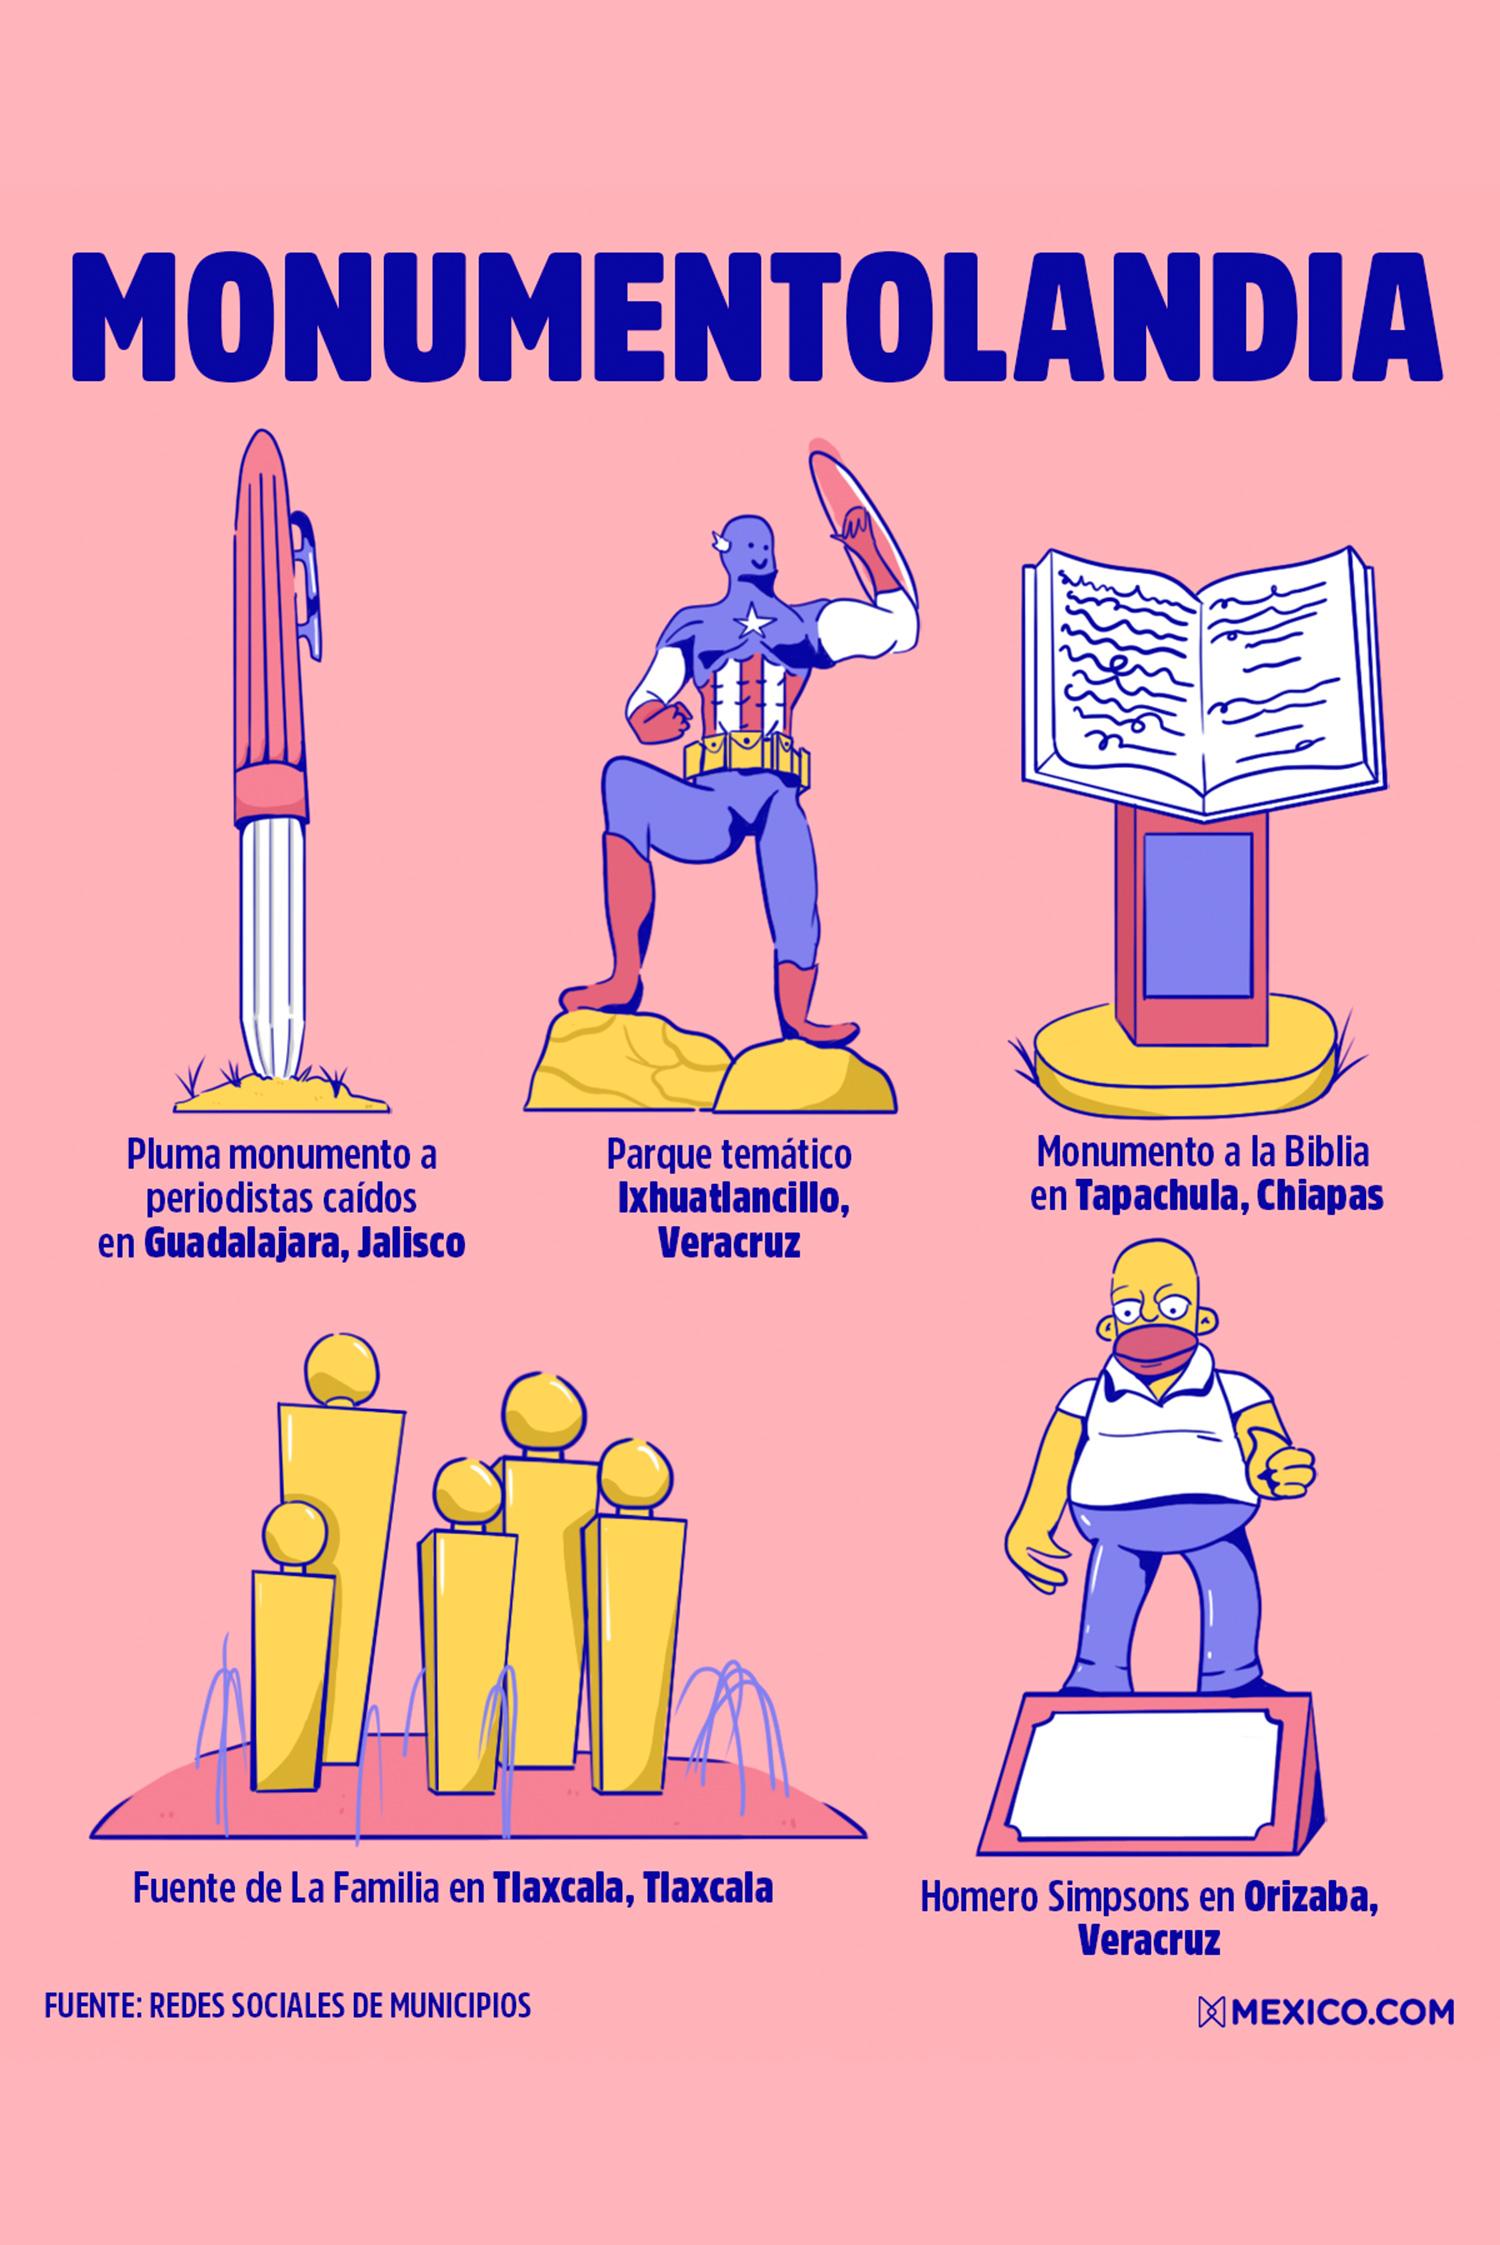 Los monumentos más absurdos de México